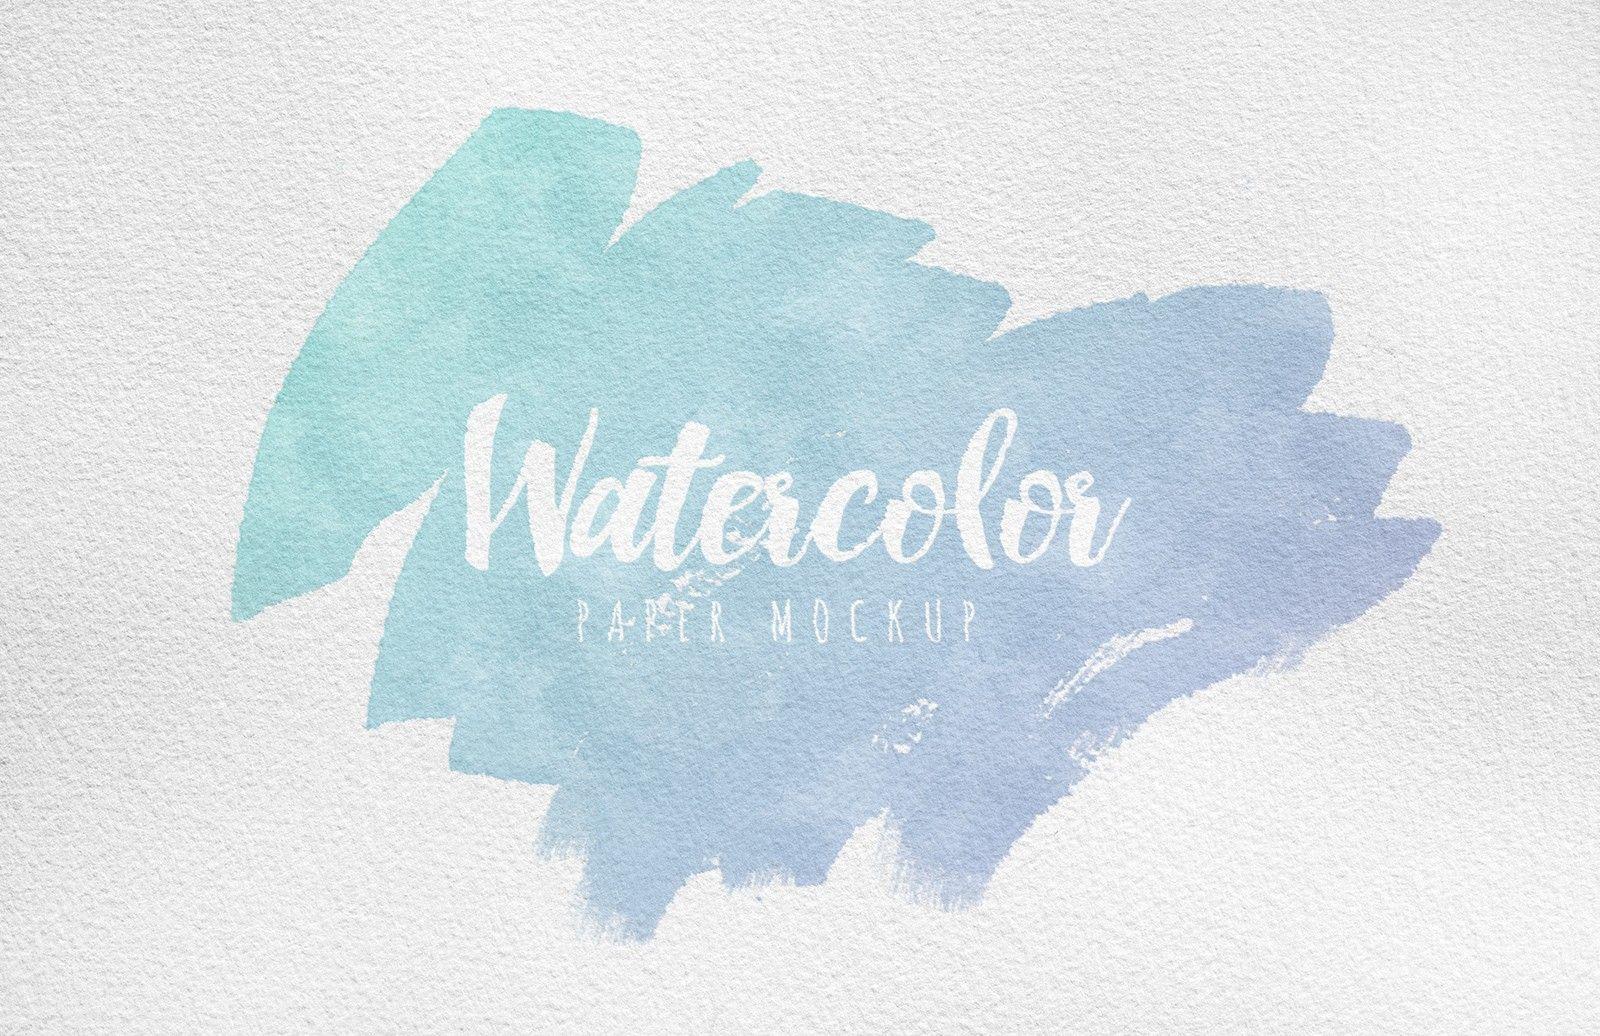 Watercolor Paper Mockup Watercolor Paper Watercolor Paper Design